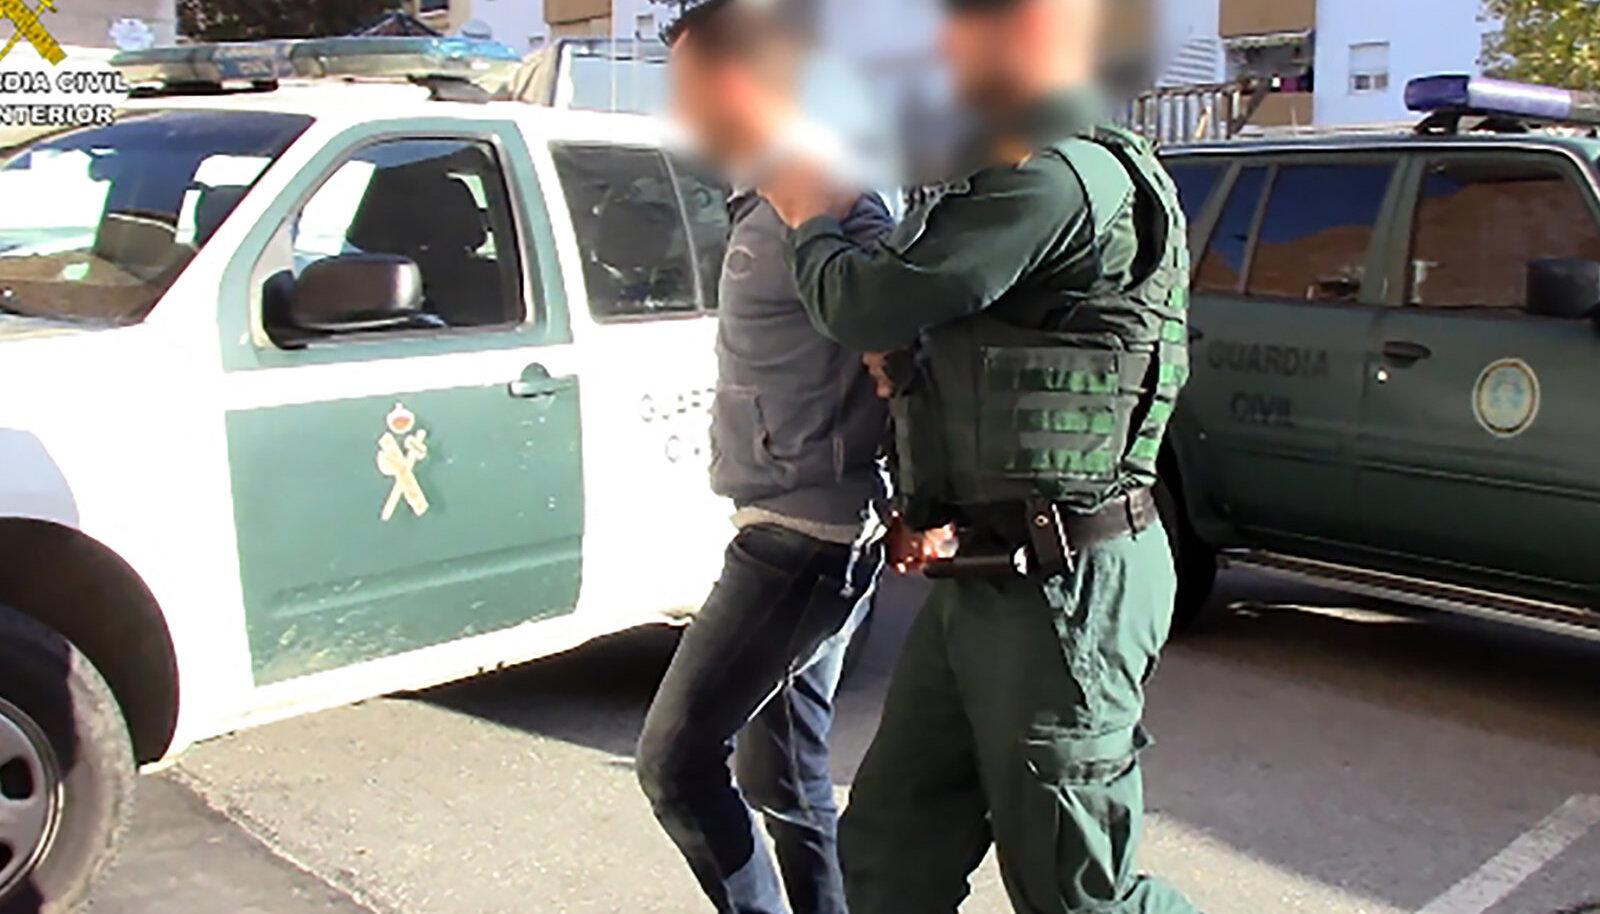 Päikeseranniku võimud nabisid 2019. aastal kinni Camorra klanniga seotud narkokaubitsejate rühmituse.